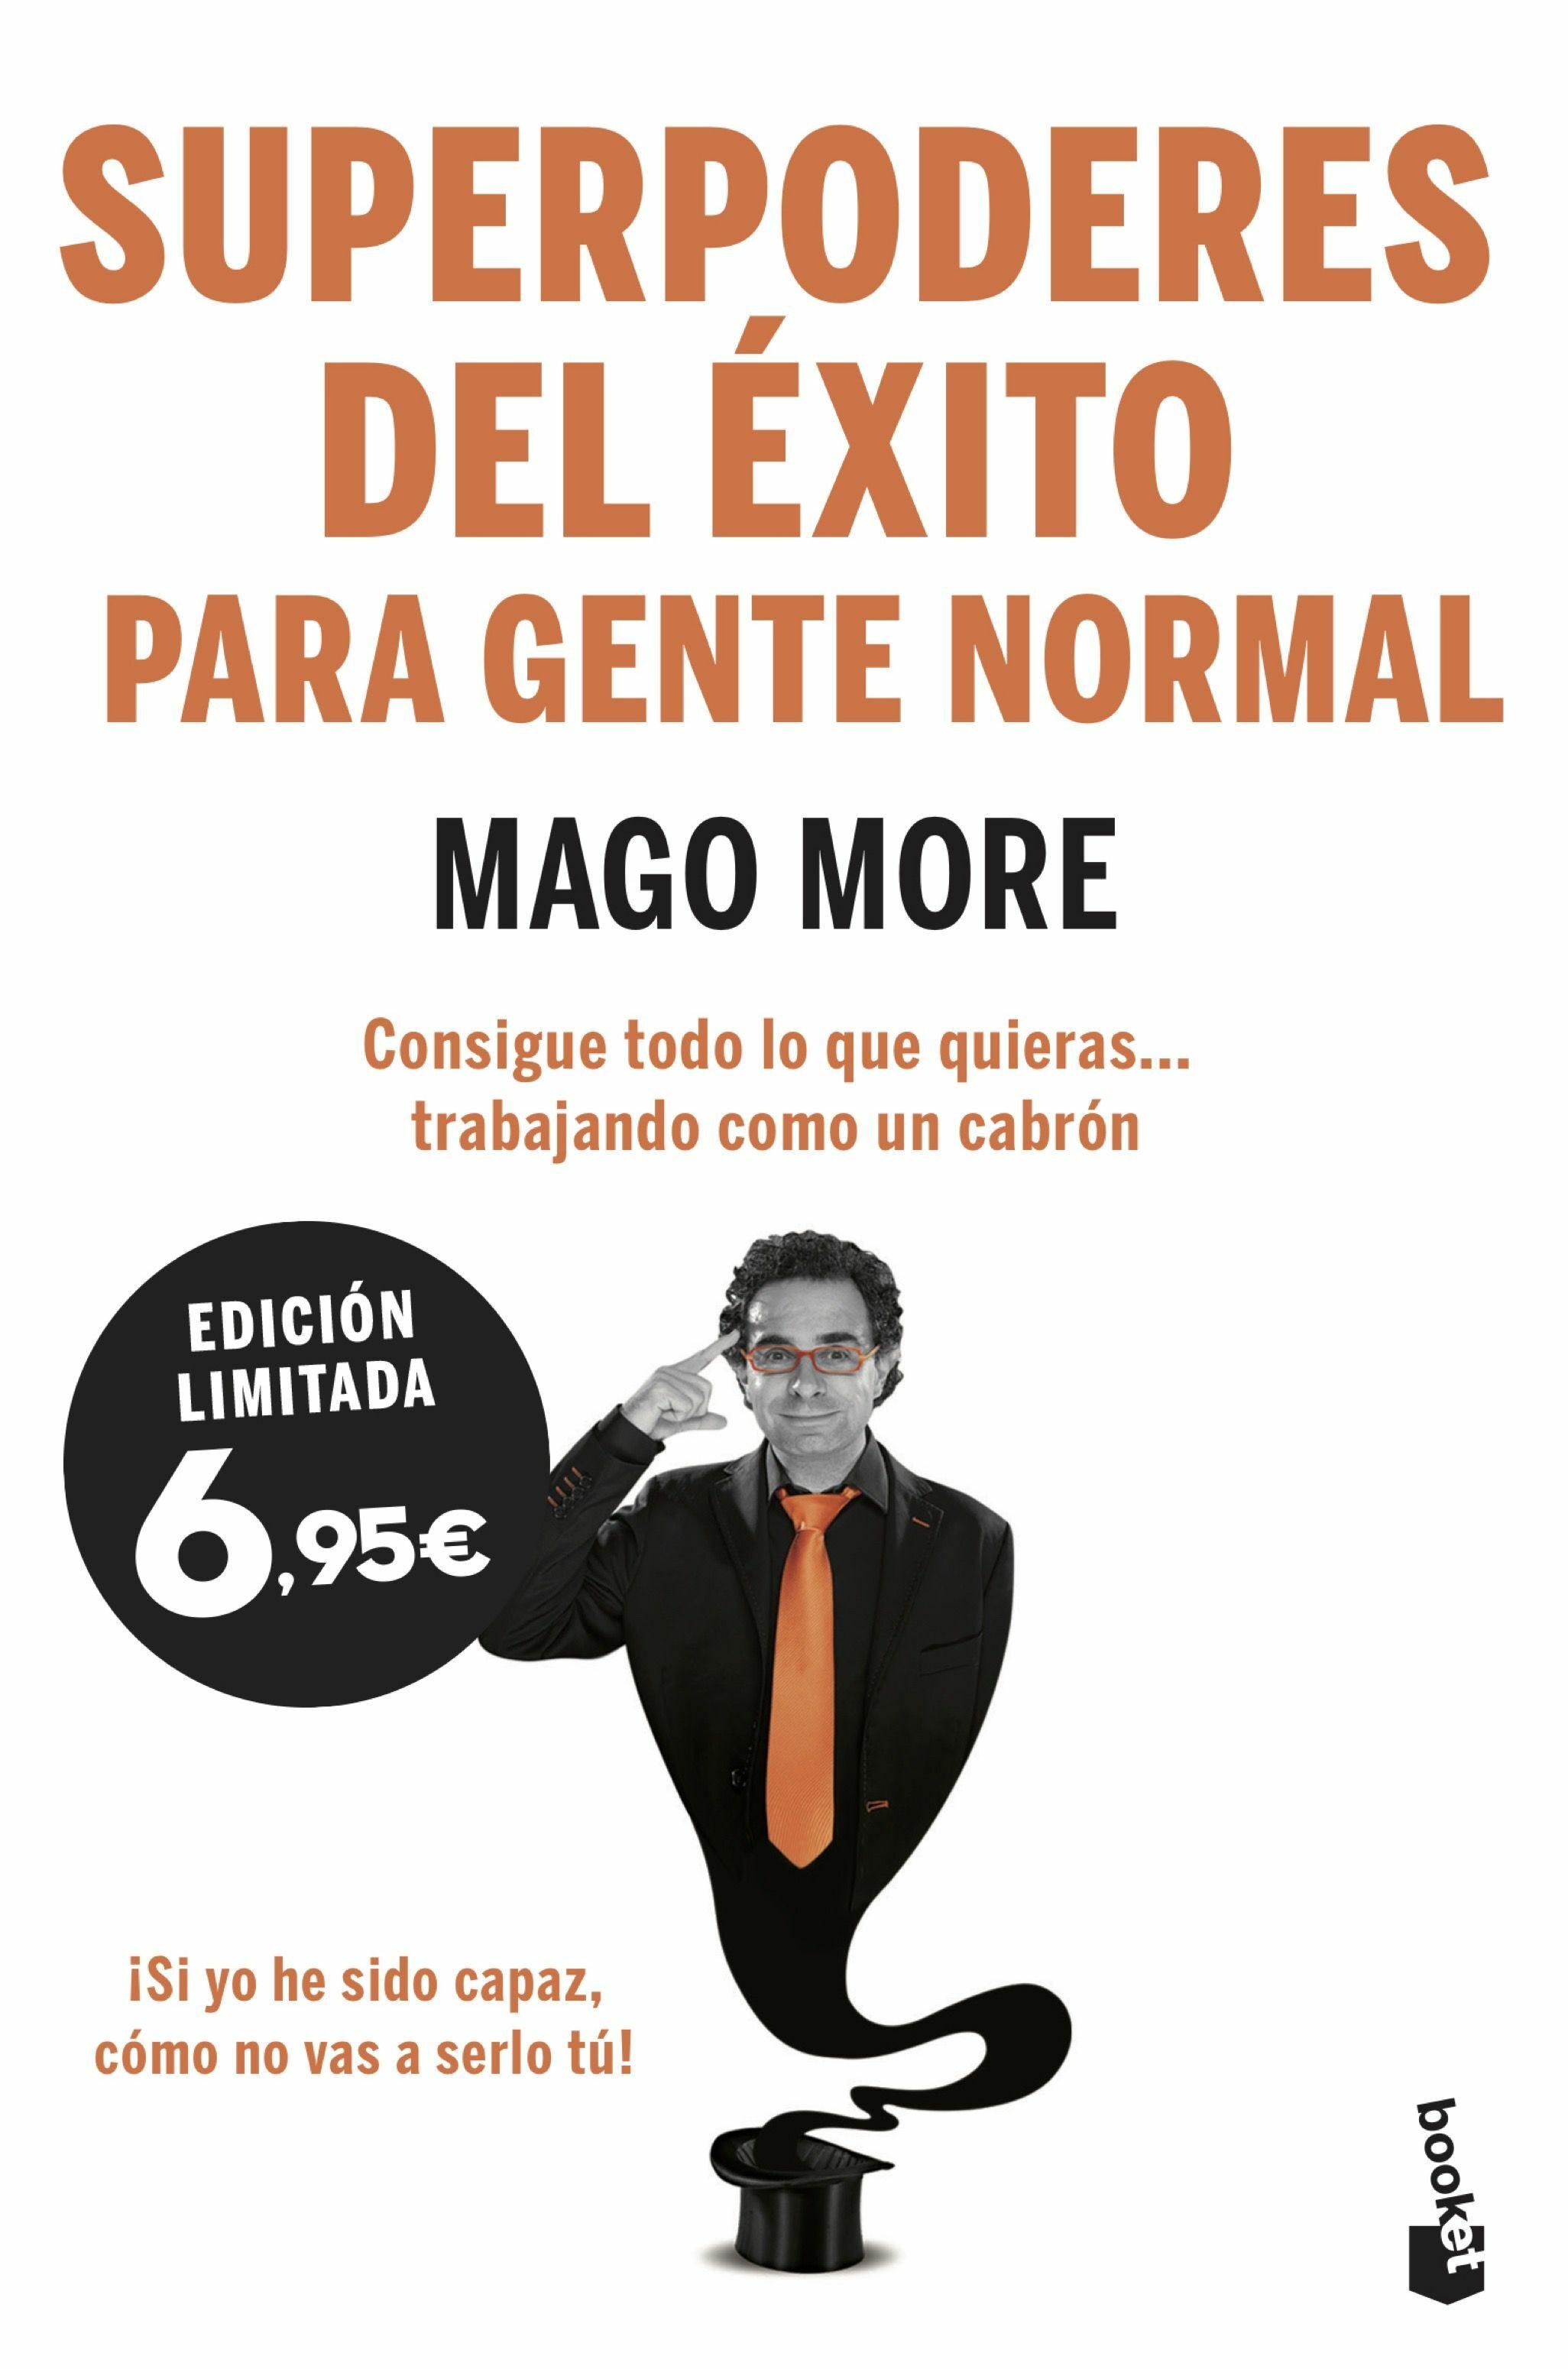 Superpoderes Del Exito Para Gente Normal por Mago More